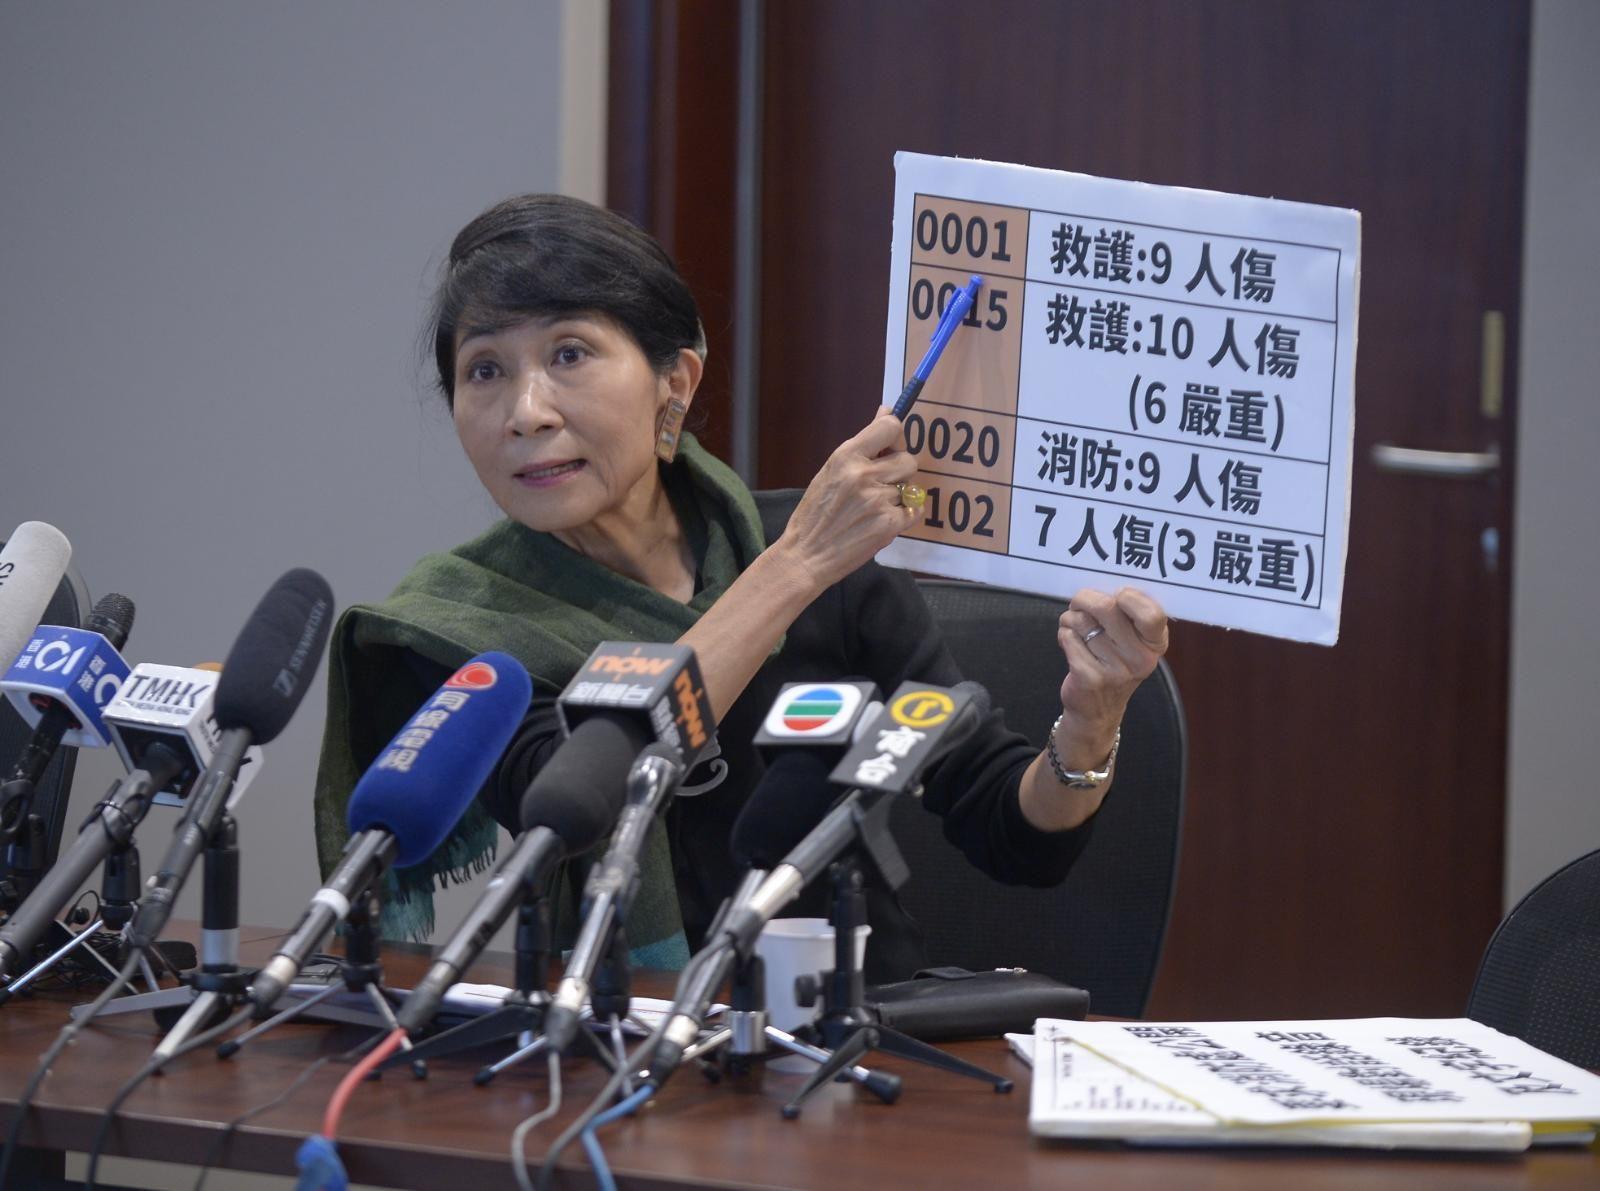 毛孟靜早前表示取得消防處的內部文件,質疑有關8.31太子站衝突的傷者人數。資料圖片